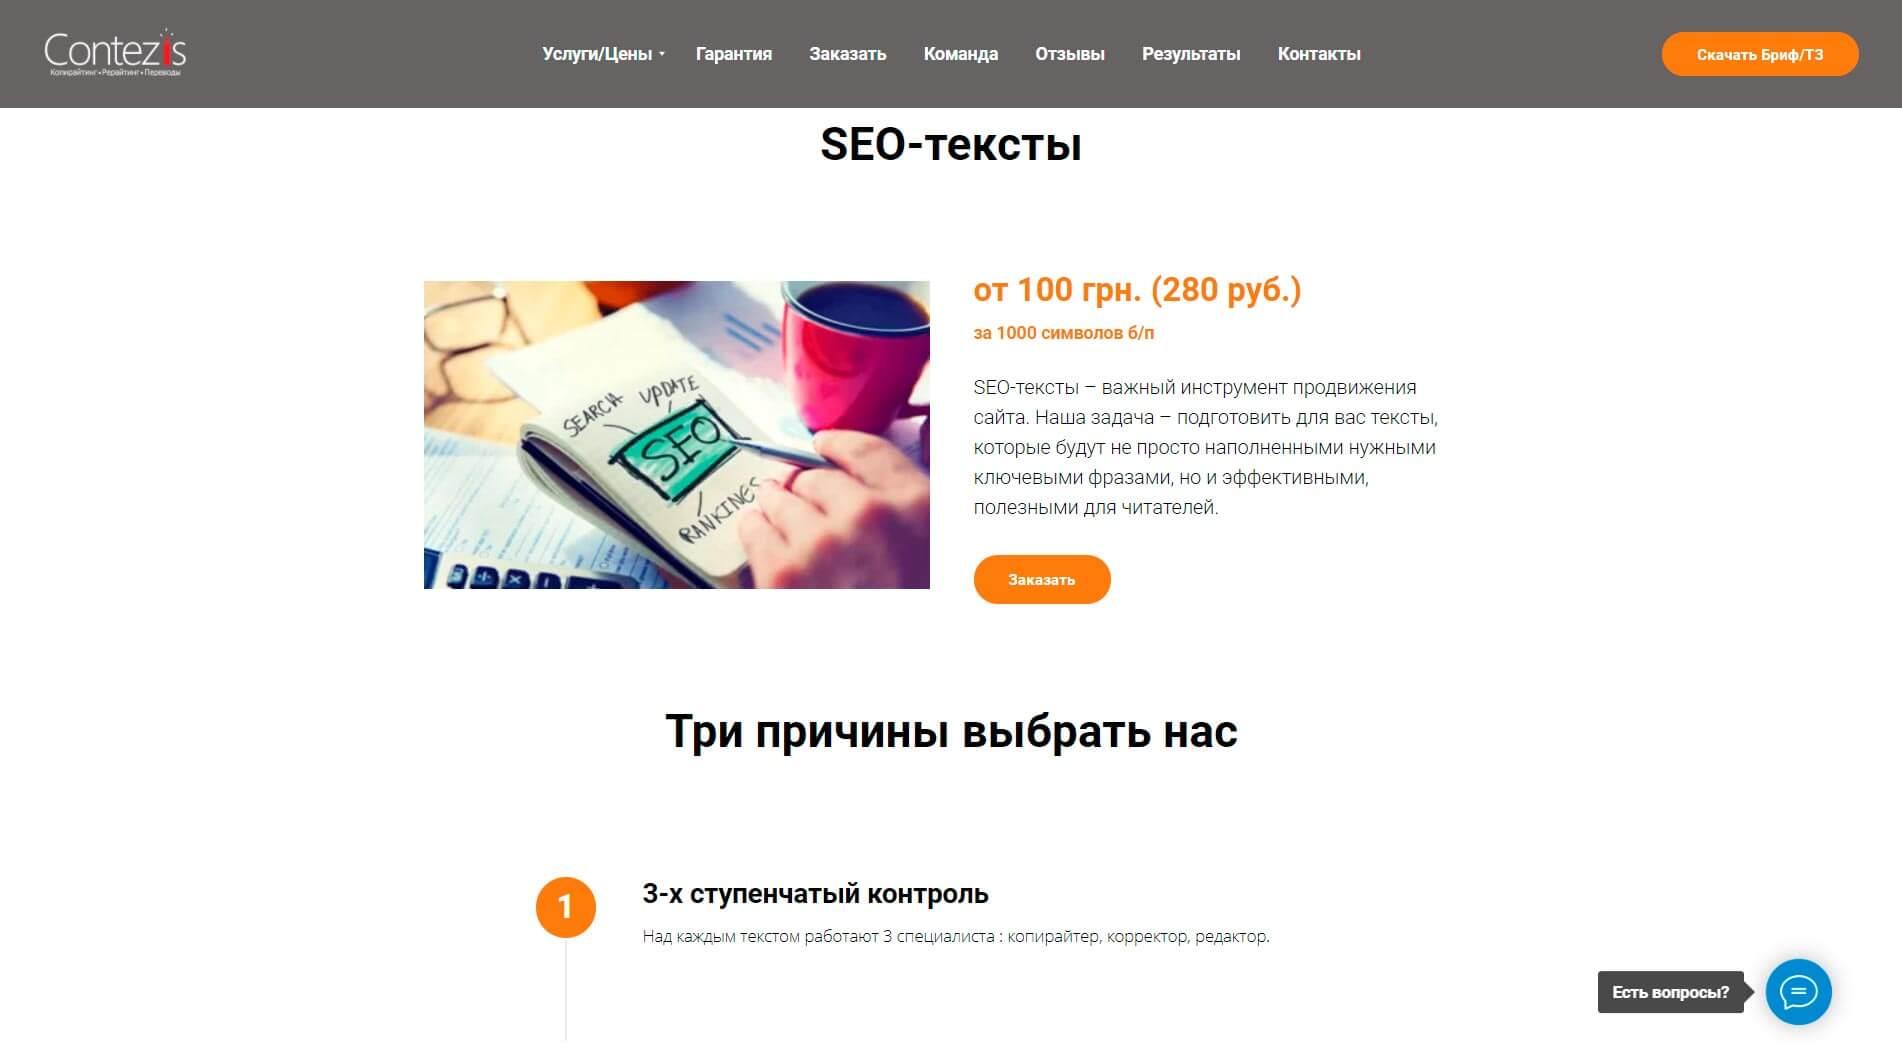 Contezis - обзор компании, услуги, отзывы, клиенты, Фото № 2 - google-seo.pro